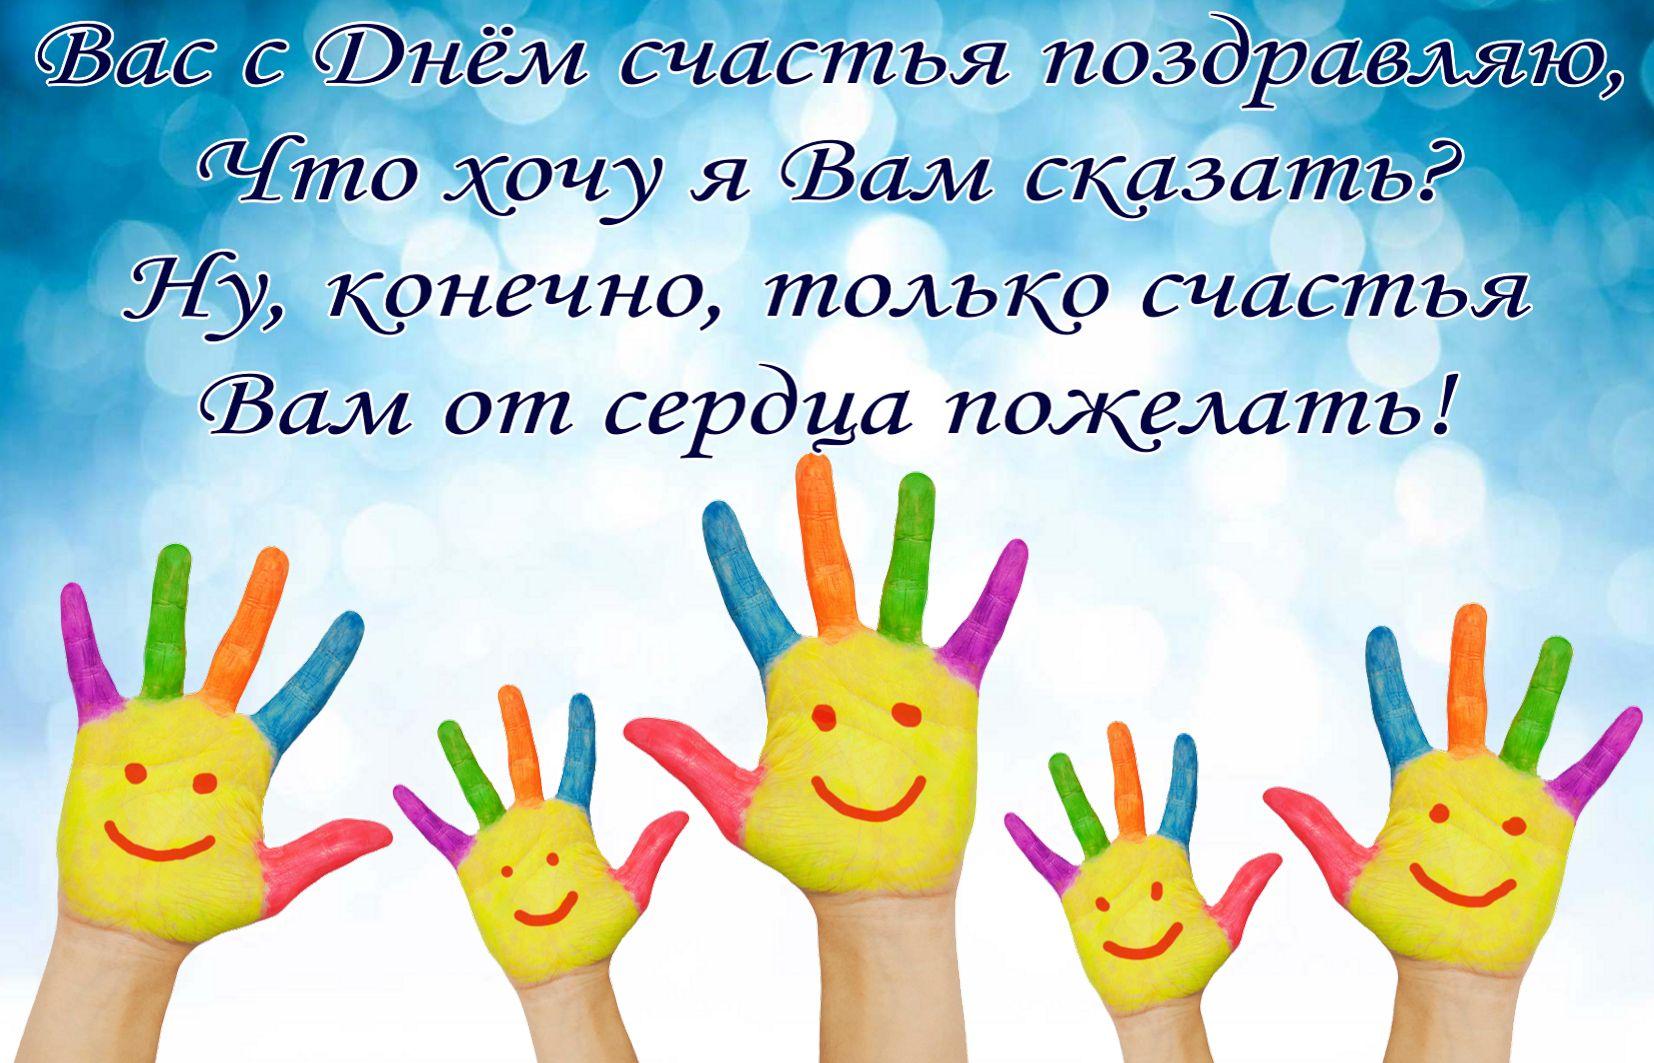 Прикольные картинки с международным днем счастья